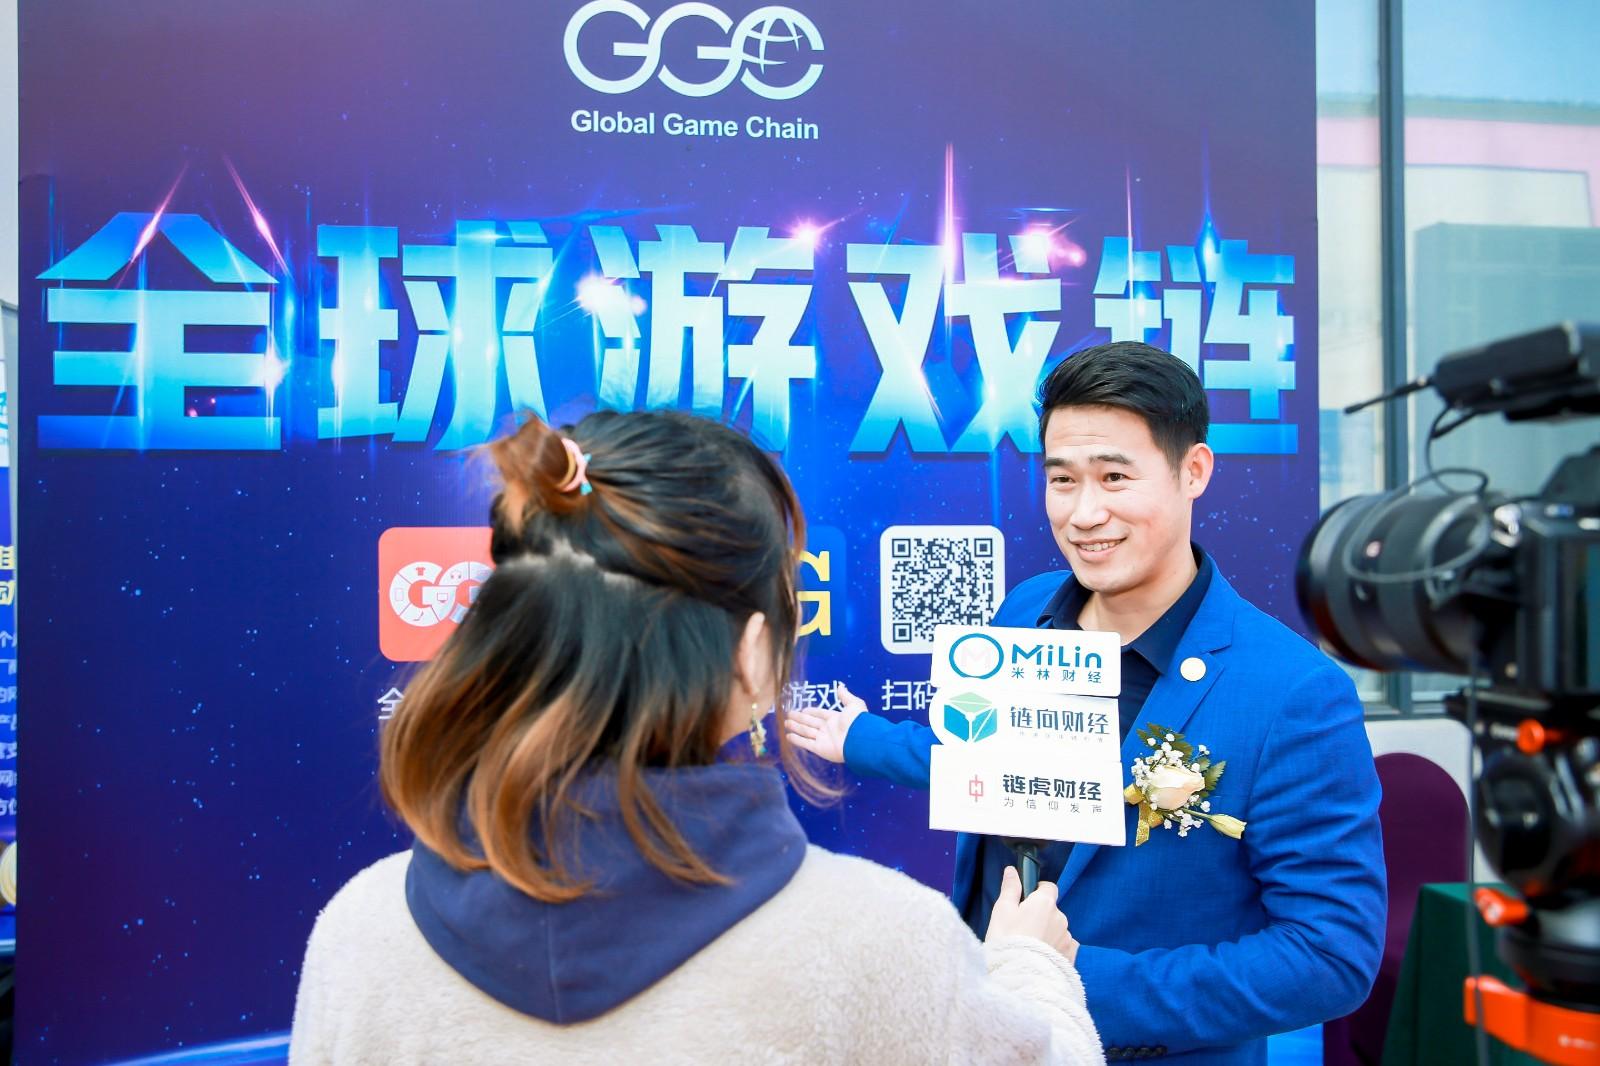 2020年世界区块链生态应用峰会(GGC全球拼购营销总裁刘宏伟)